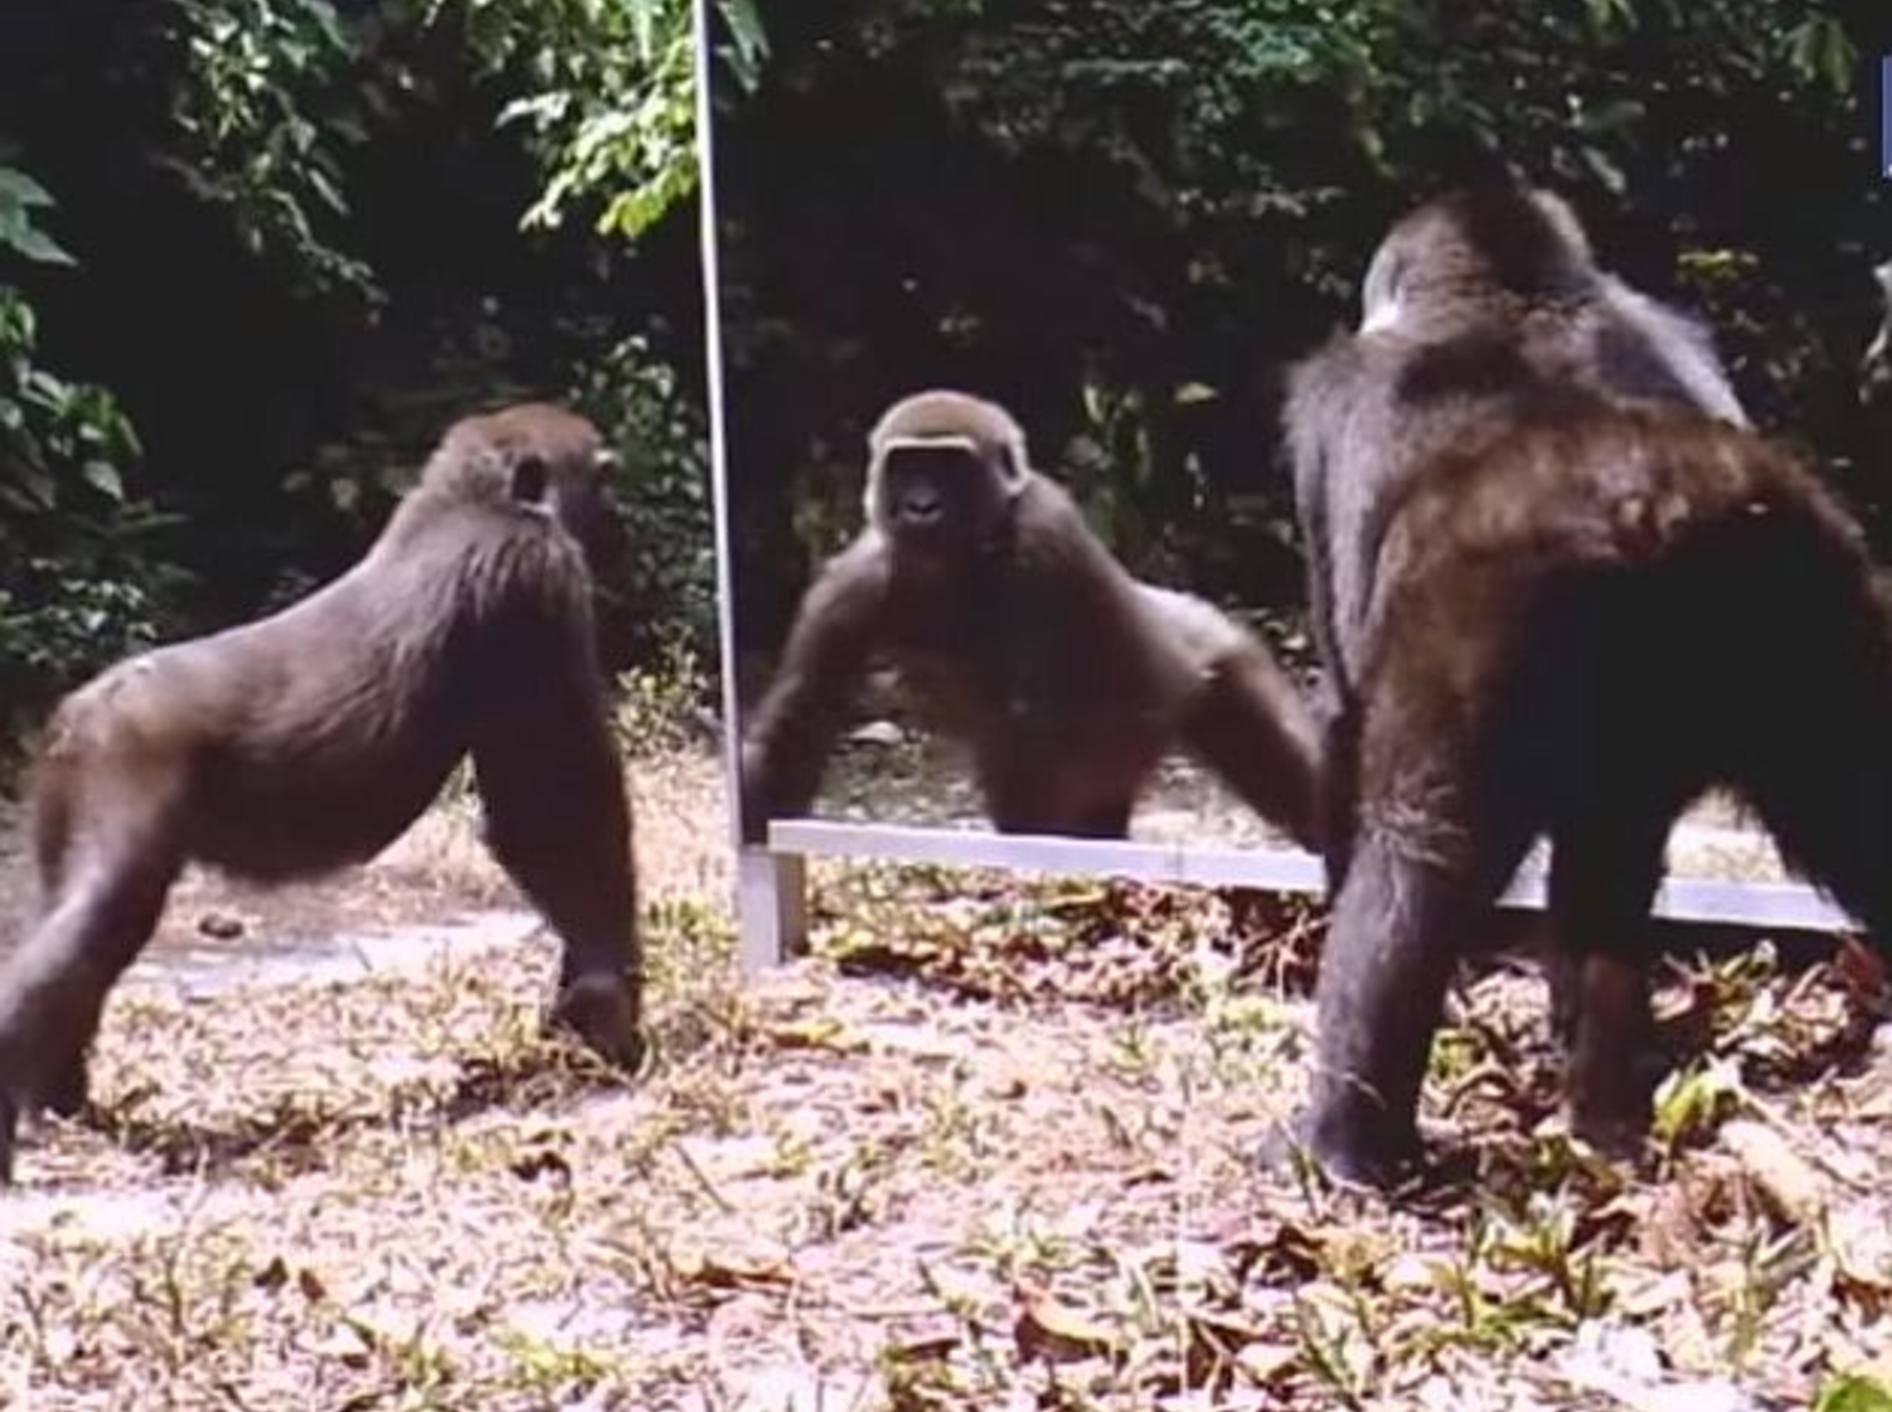 Spannend: Wie reagieren Tiere auf ihr Spiegelbild? – Bild: Youtube / Caters TV